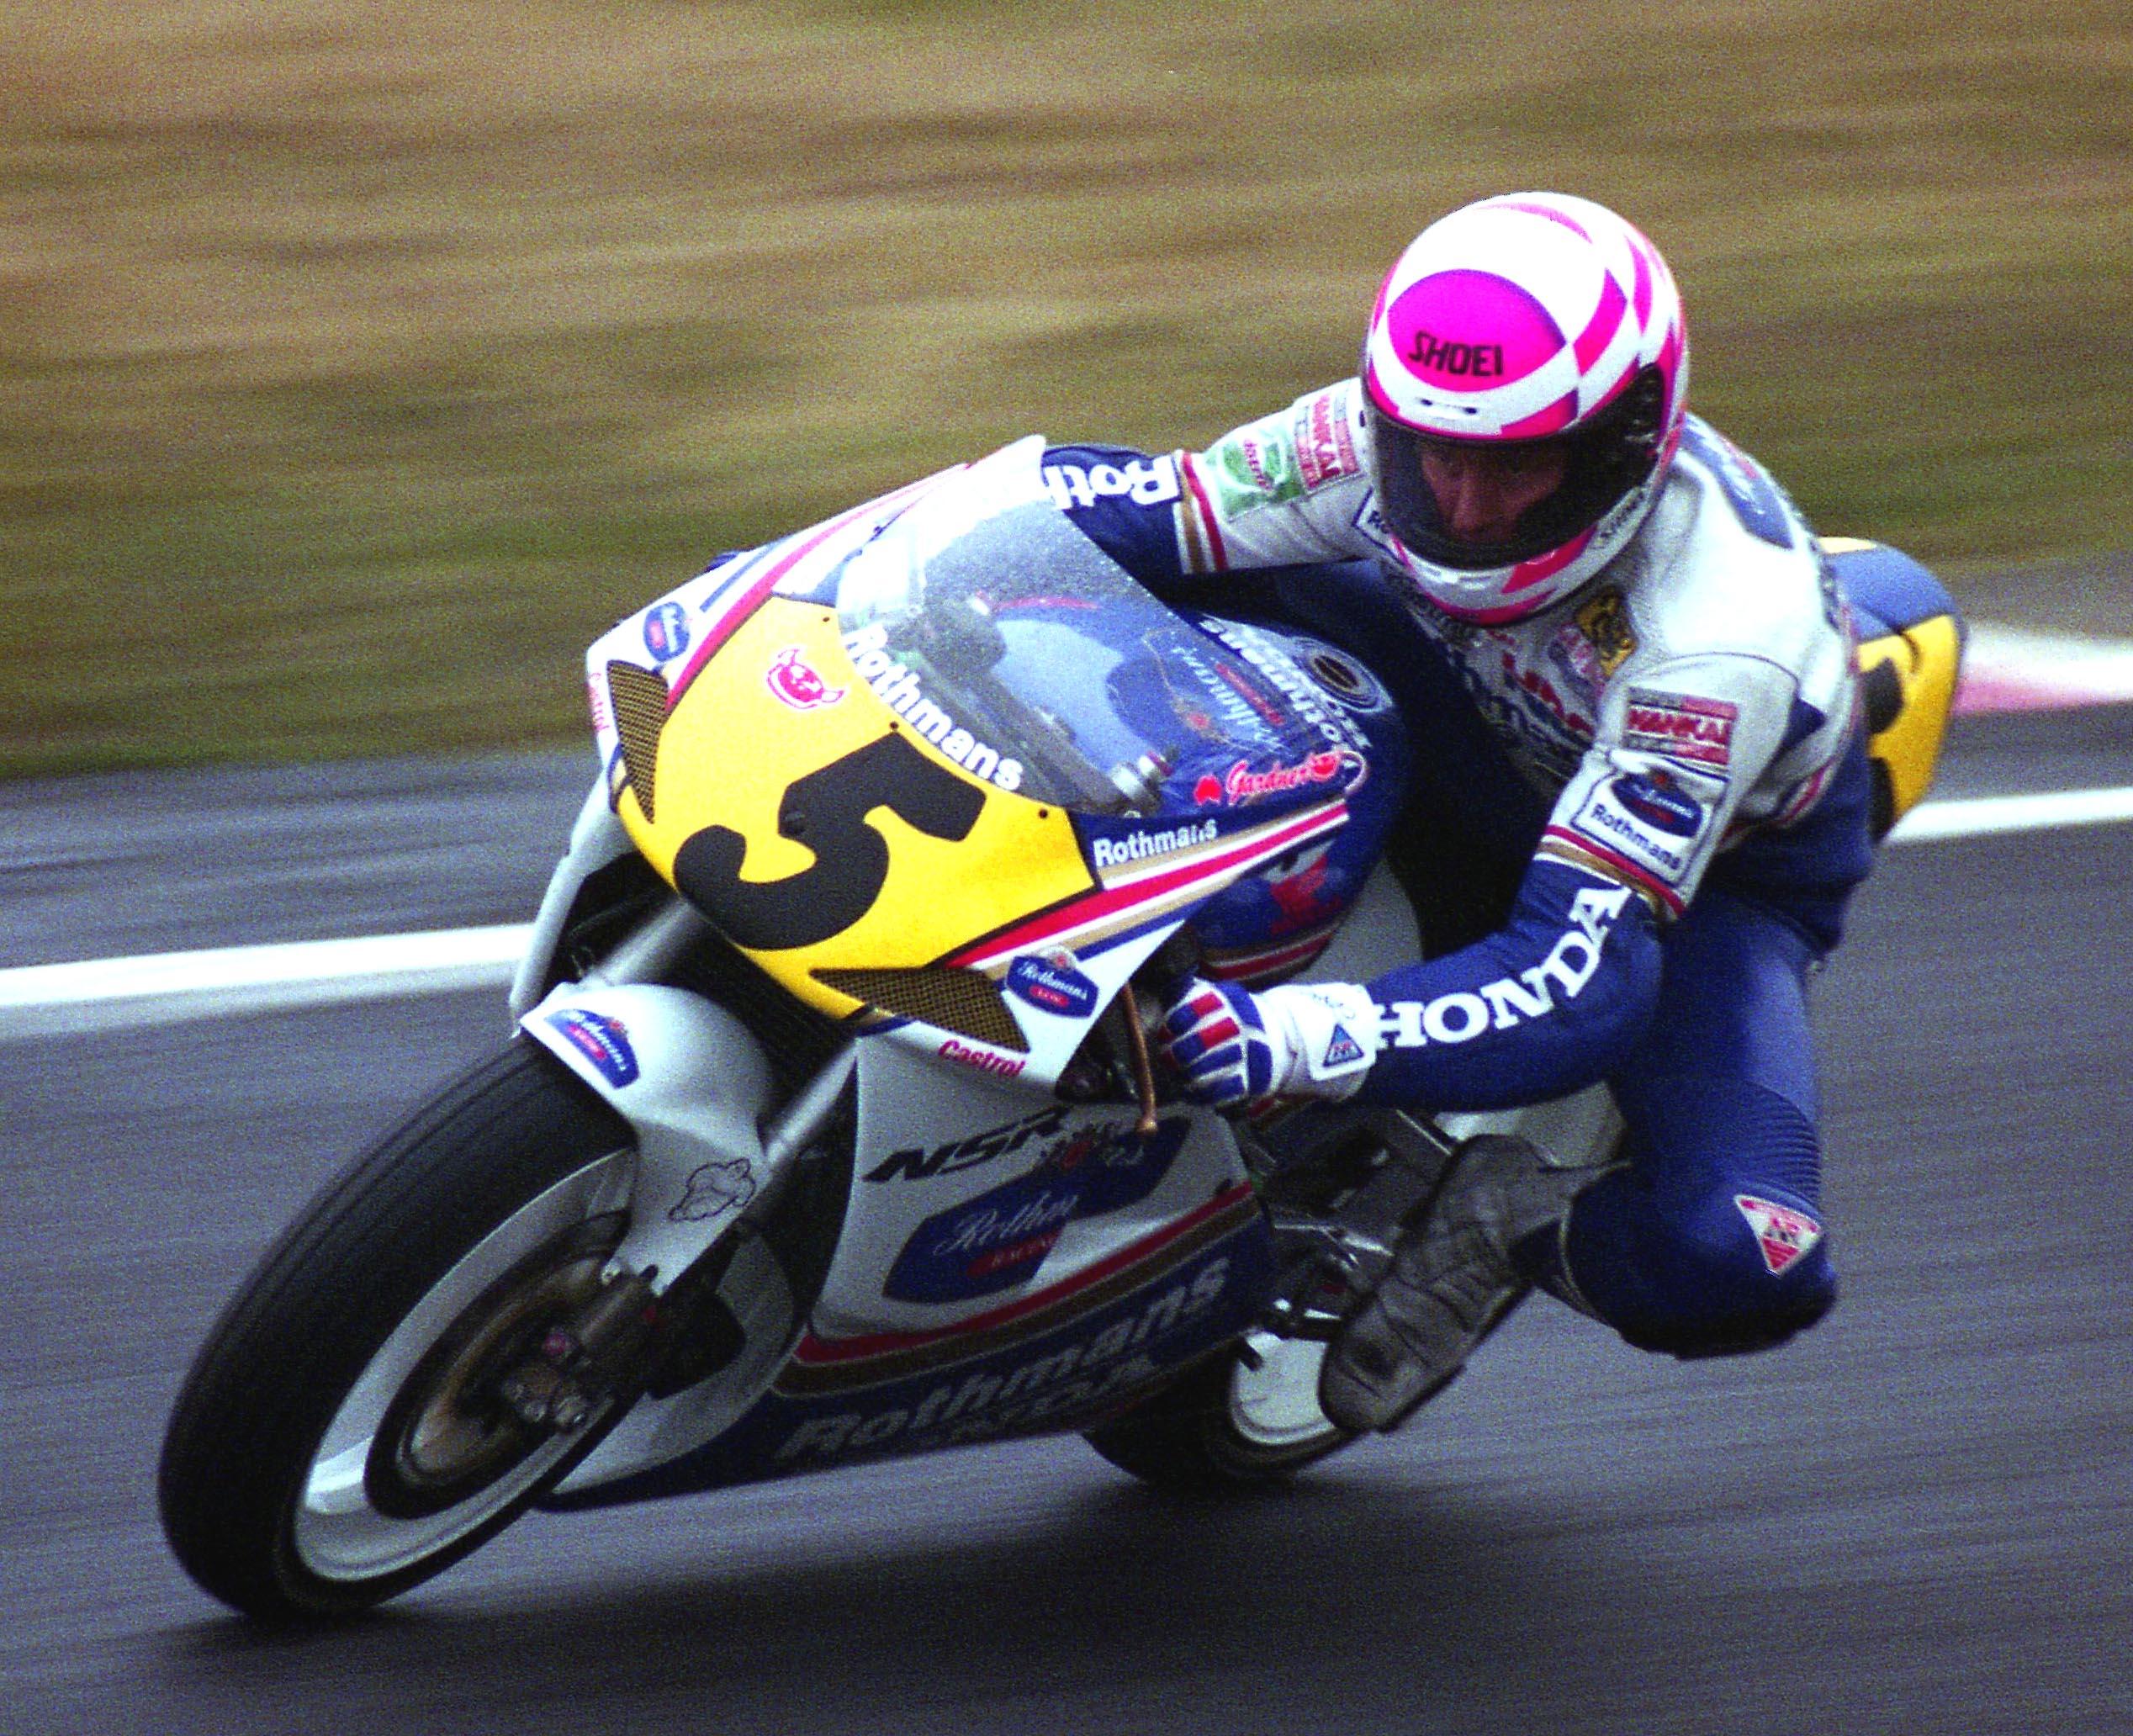 出典:http://ridertua.com/2015/10/19/inilah-gardner-straight-trek-lurus-yang-bantu-iannone-raih-podium/